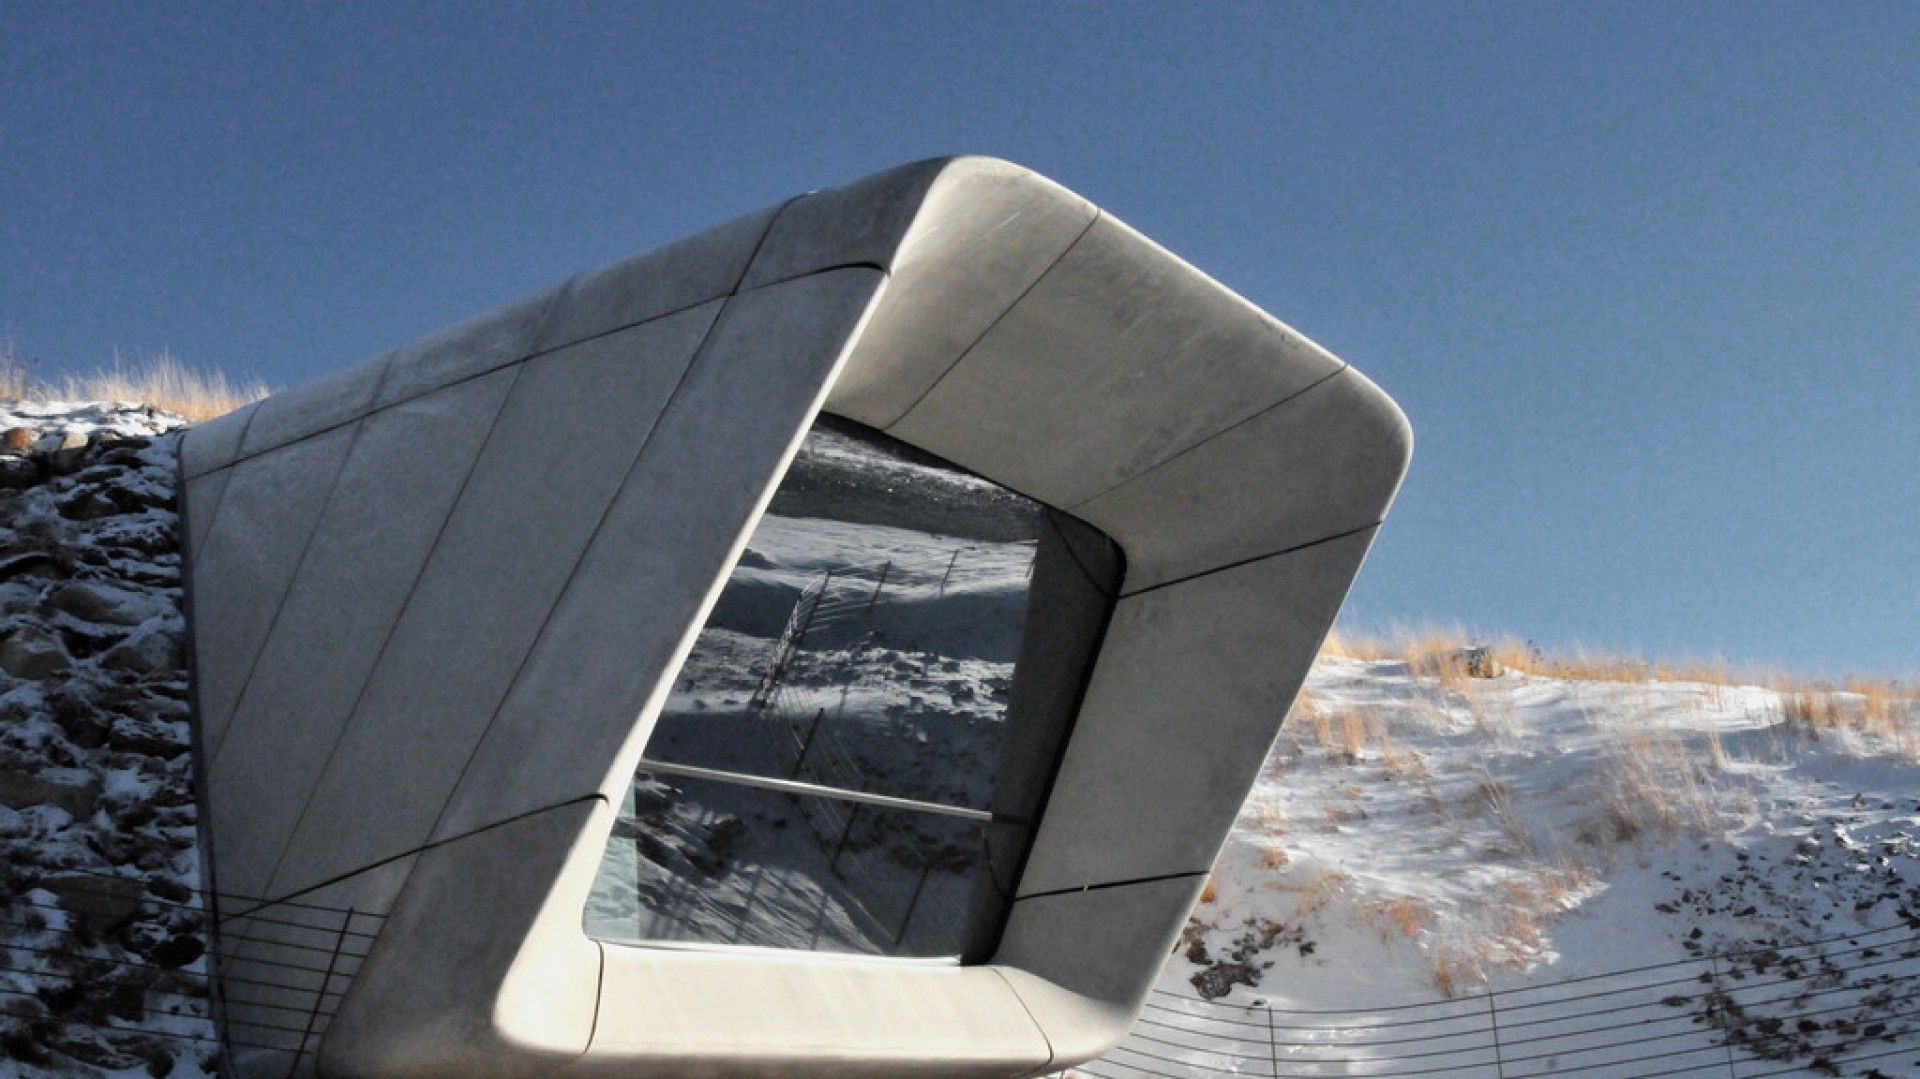 MMM Corones to najnowsze i ostatnie muzeum w szeregu Messner Mountain Museum znajdujące się na szczycie płaskowyżu Kronplatz w Dolomitach. Zostało zaprojektowane przez światowej sławy architektów Zahę Hadid i Petera Irmschera. Fot. Rockfon